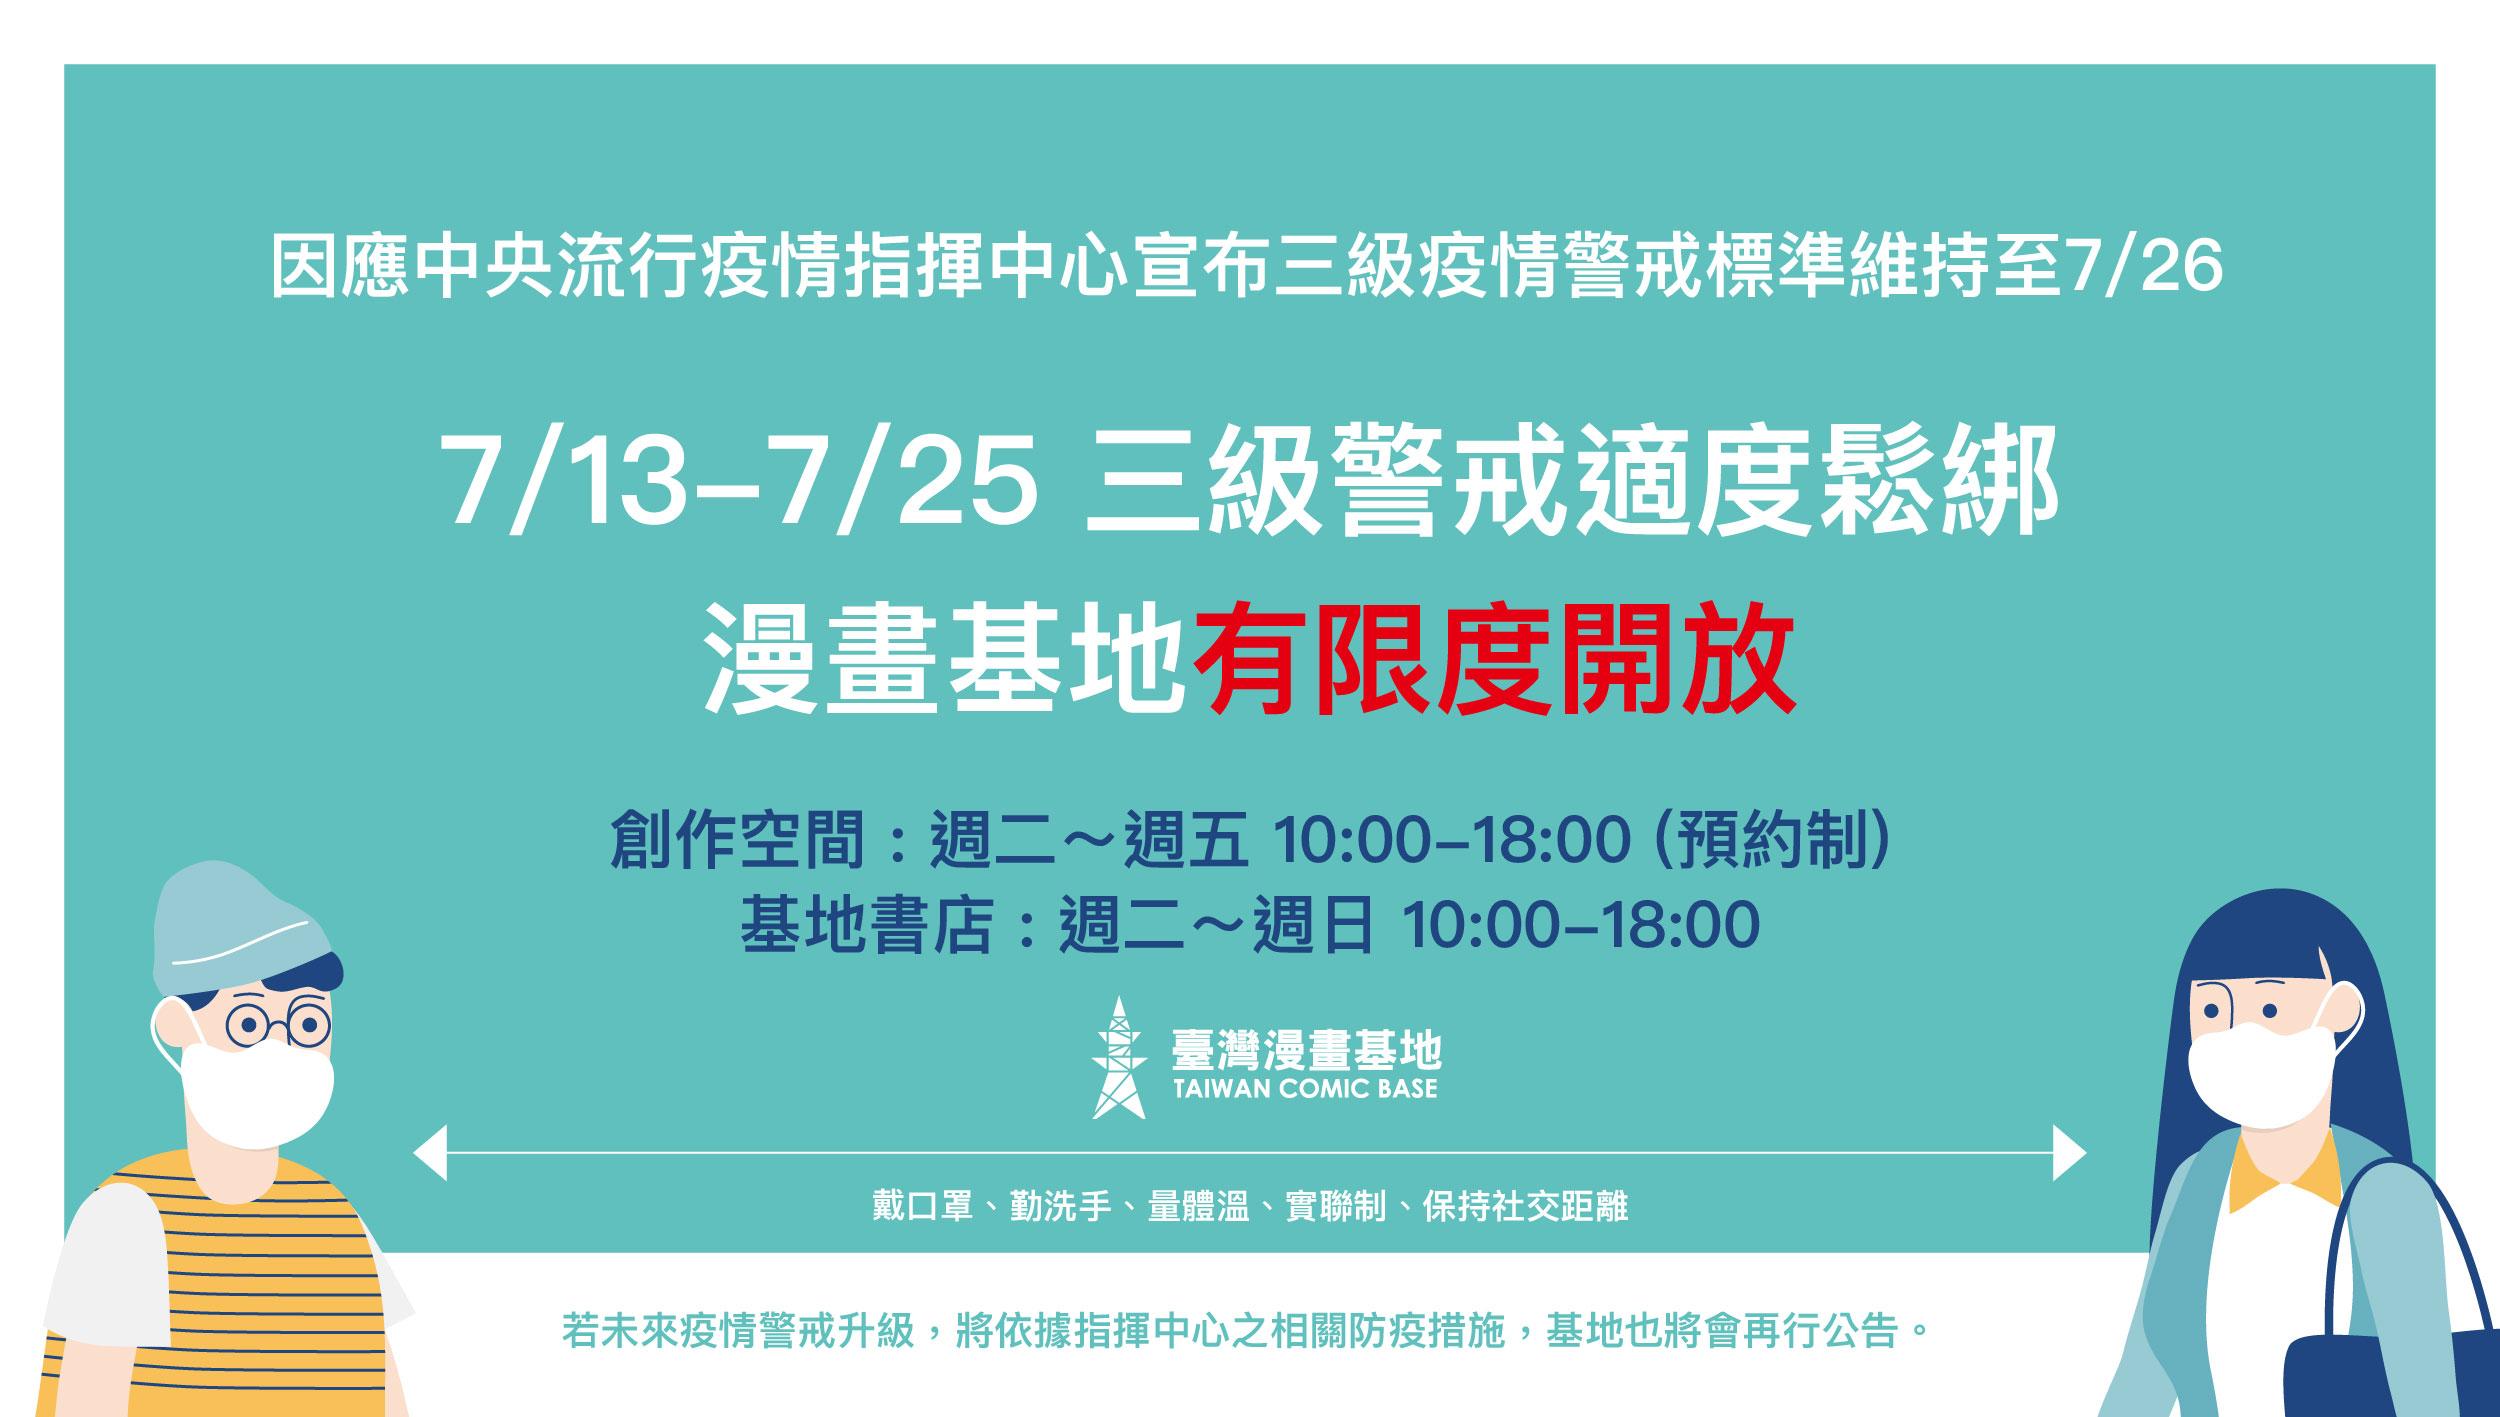 配合中央流行疫情指揮中心宣布「三級警戒適度鬆綁」標準,臺灣漫畫基地將於7月13日起有限度開放